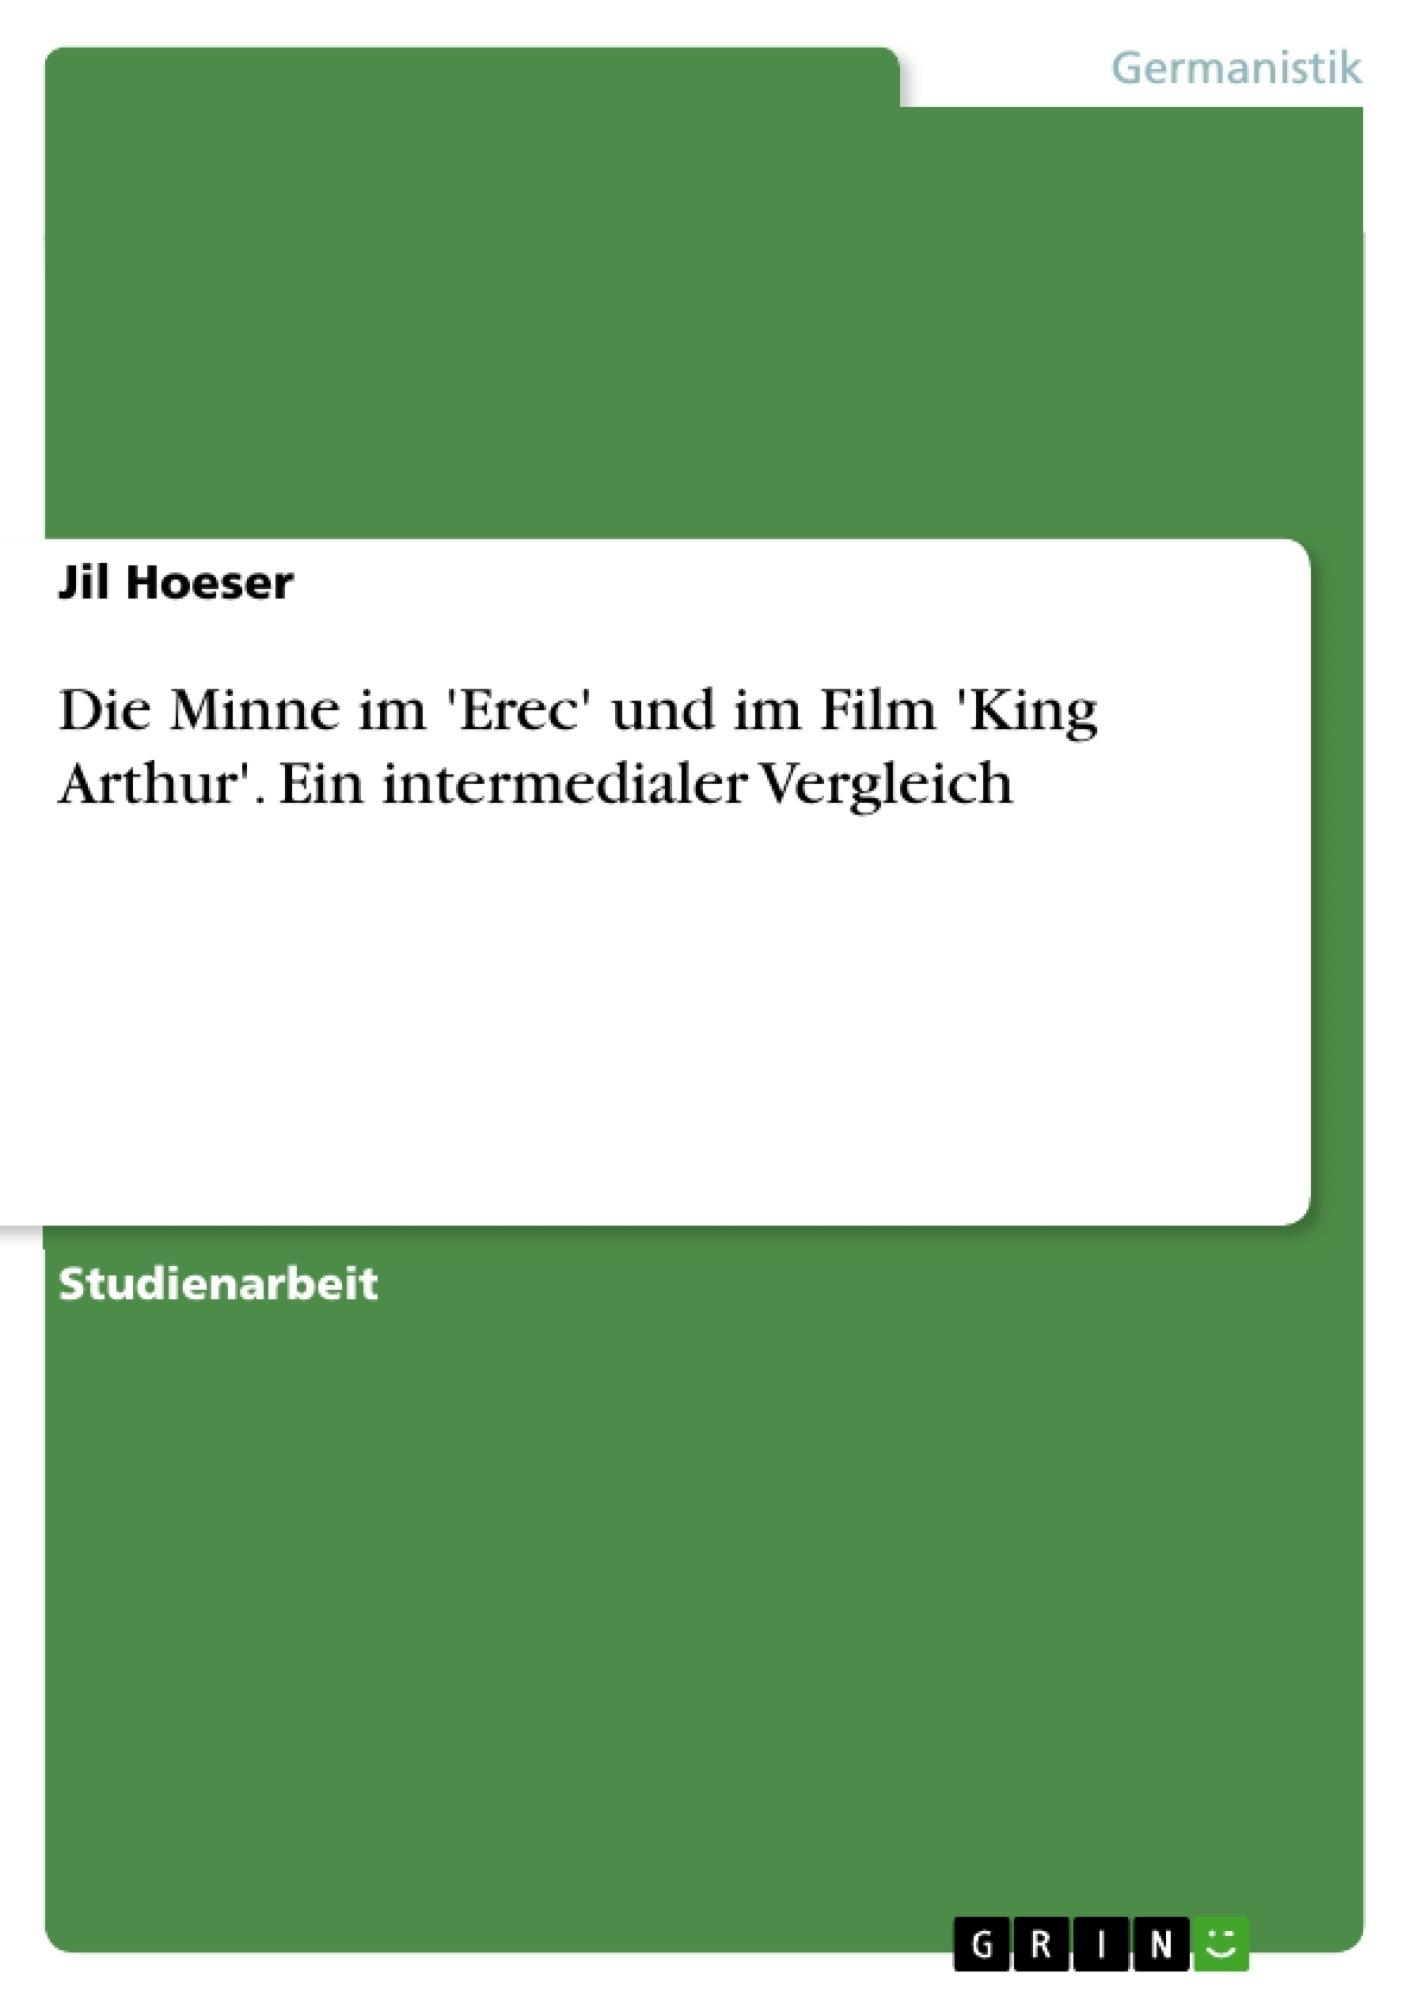 Titel: Die Minne im 'Erec' und im Film 'King Arthur'. Ein intermedialer Vergleich